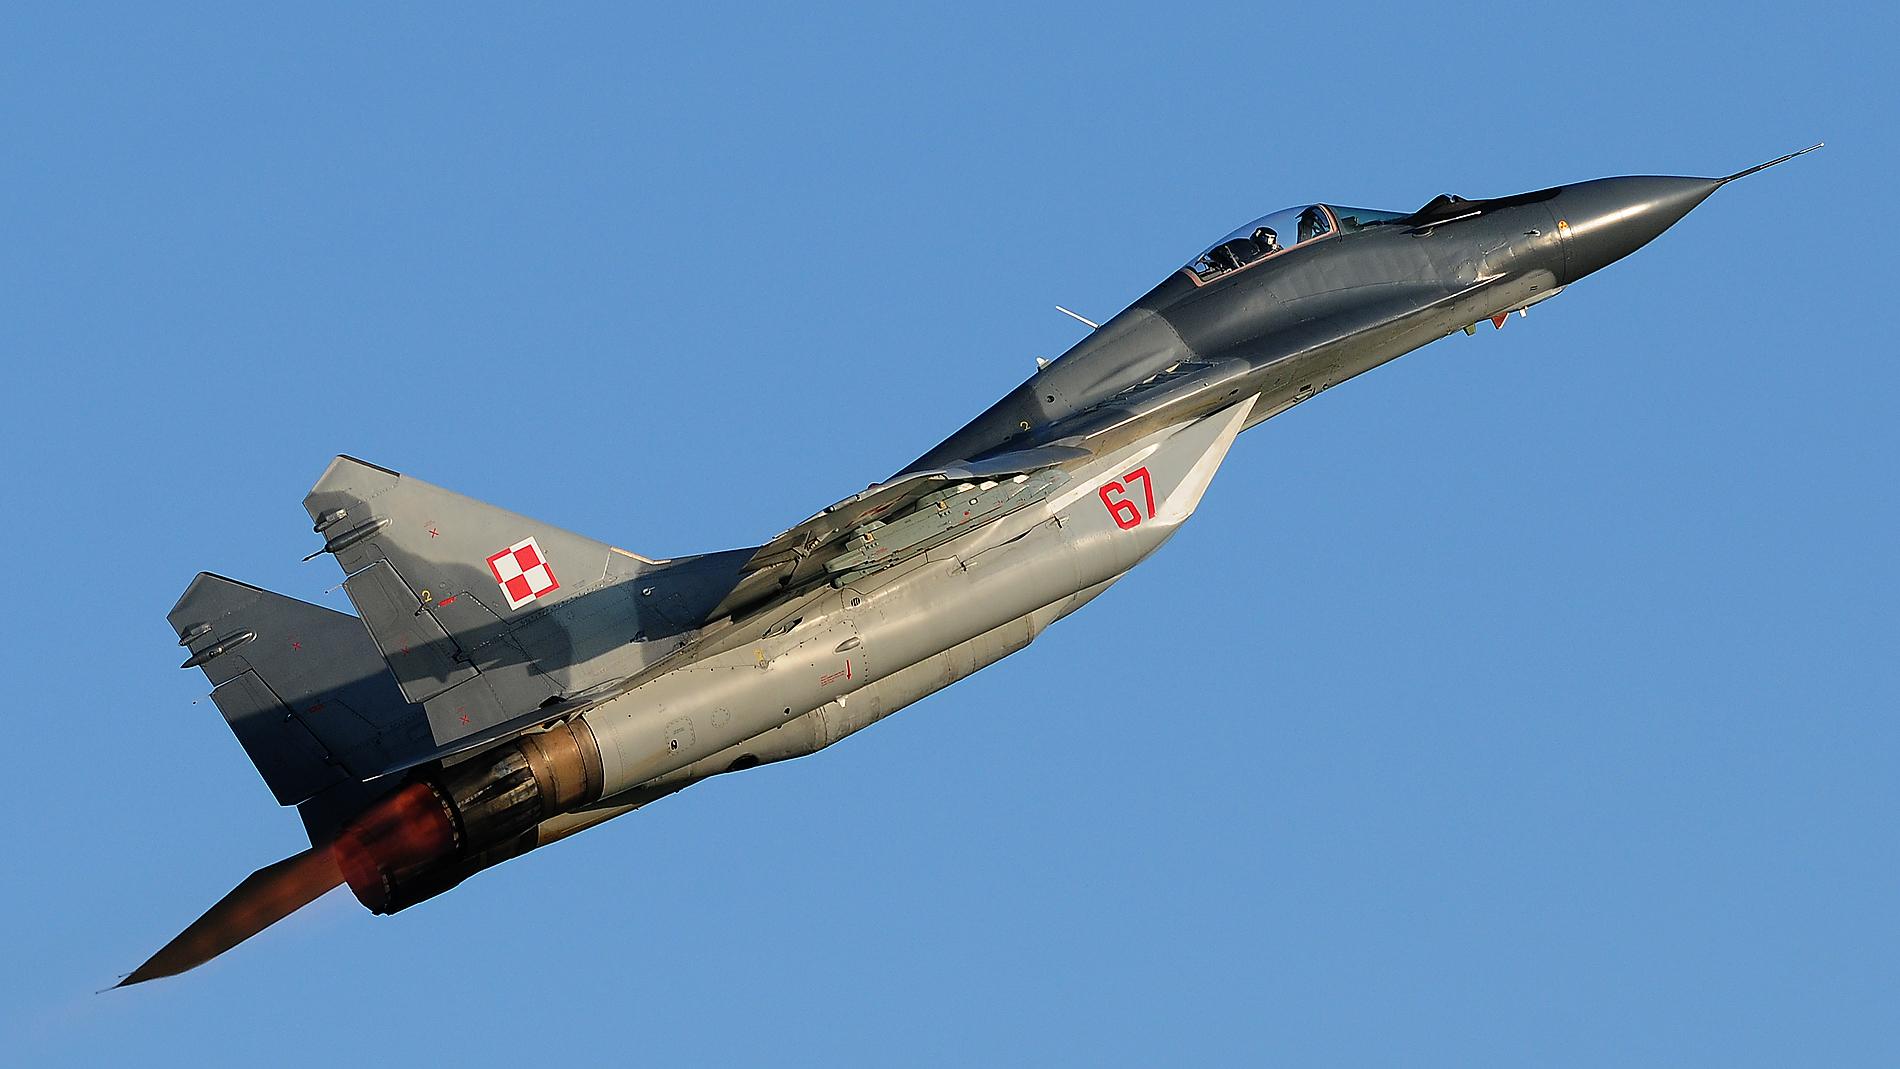 Mig29 Polen Air Force